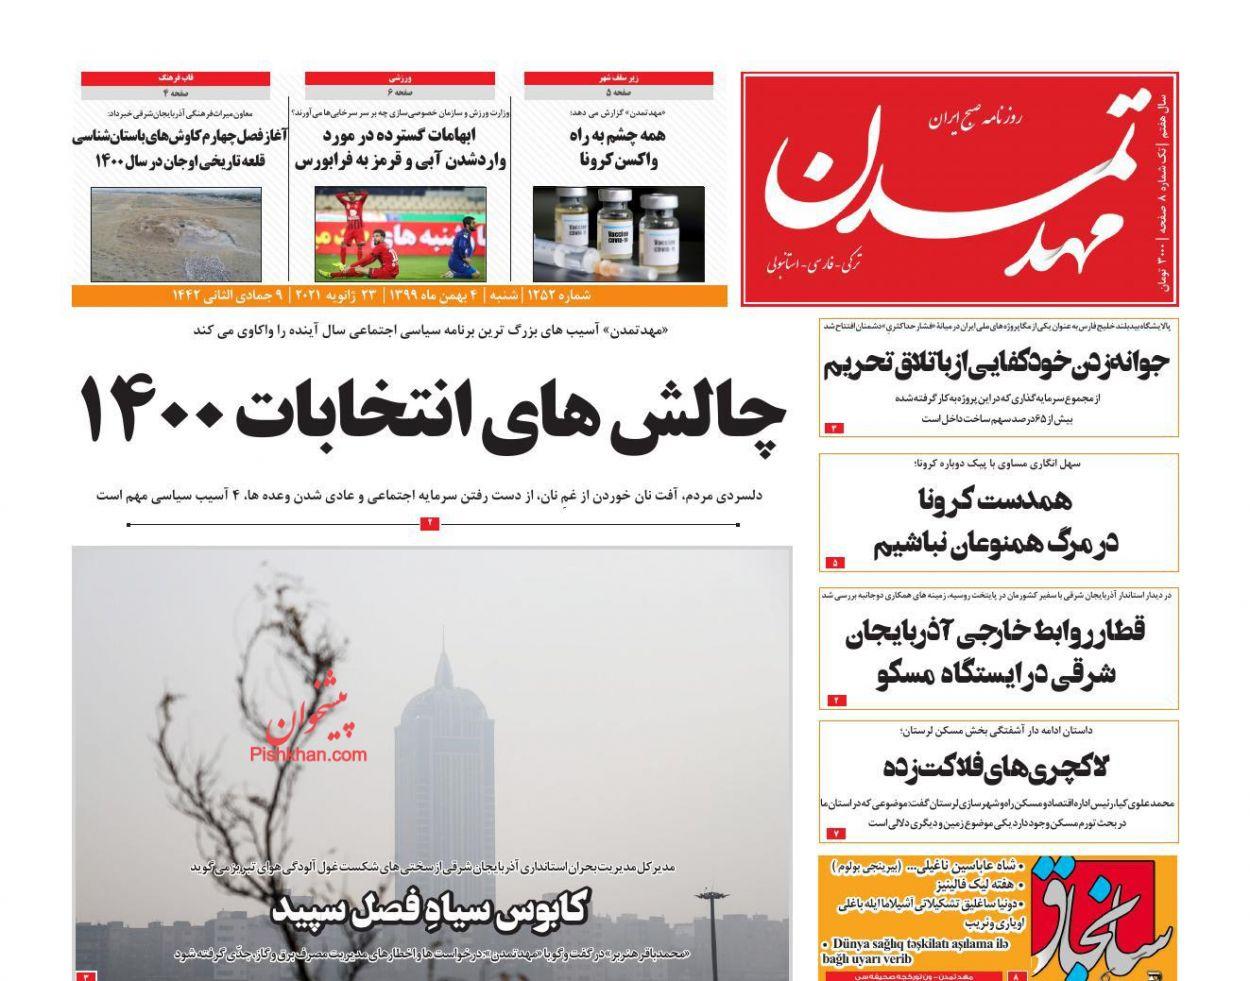 عناوین اخبار روزنامه مهد تمدن در روز شنبه ۴ بهمن